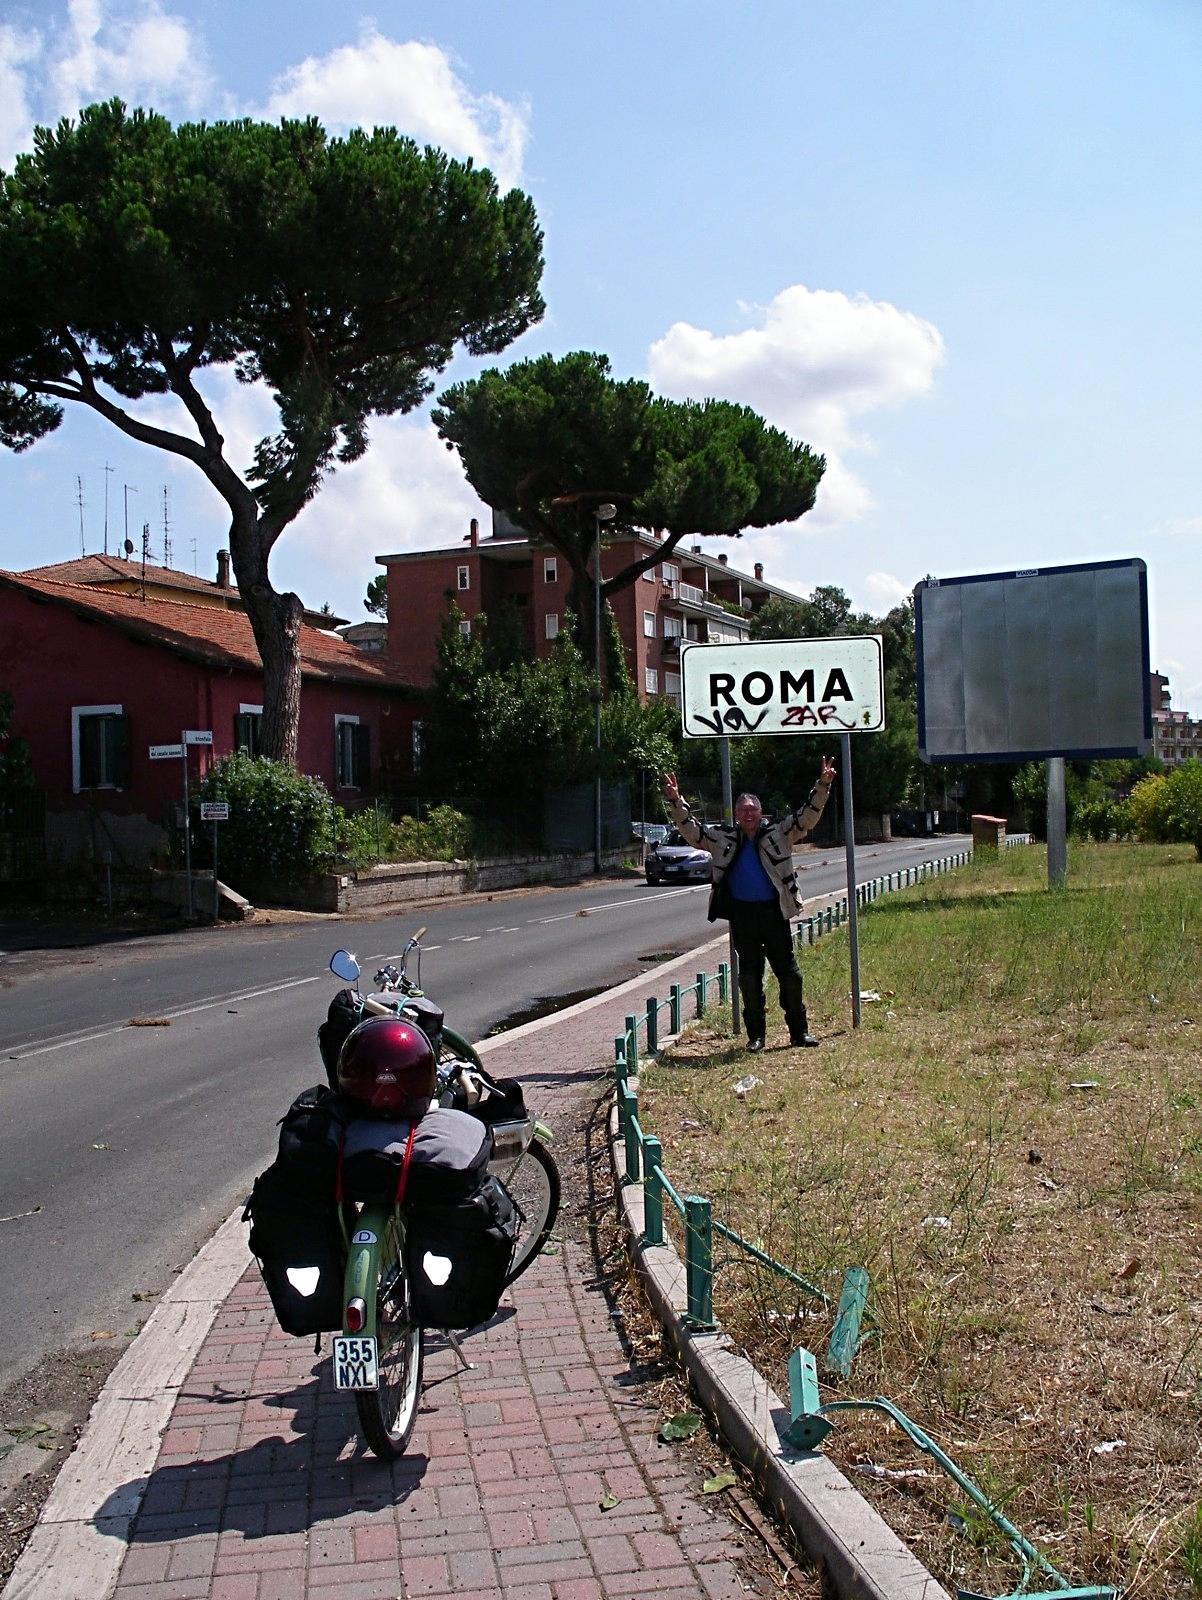 ... und nochmal Rom